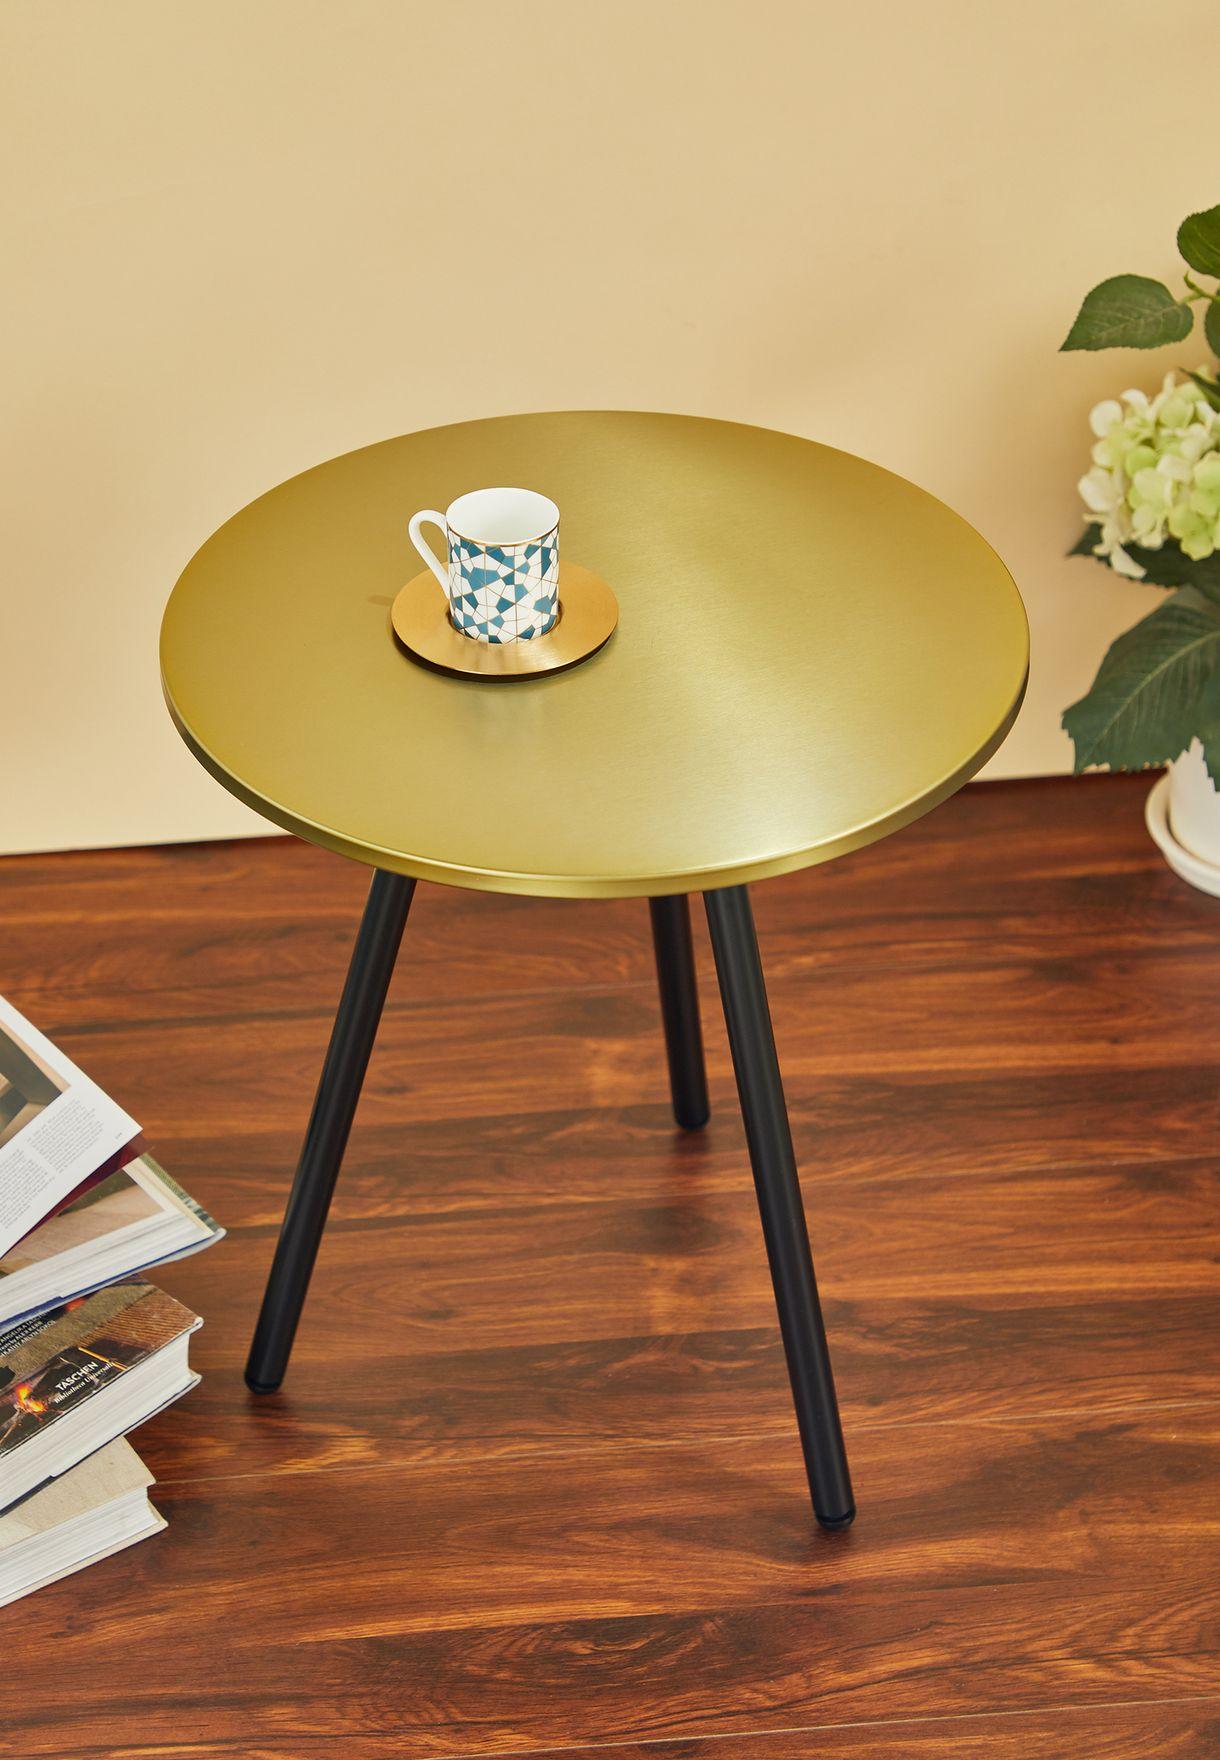 طاولة بثلاثة ارجل